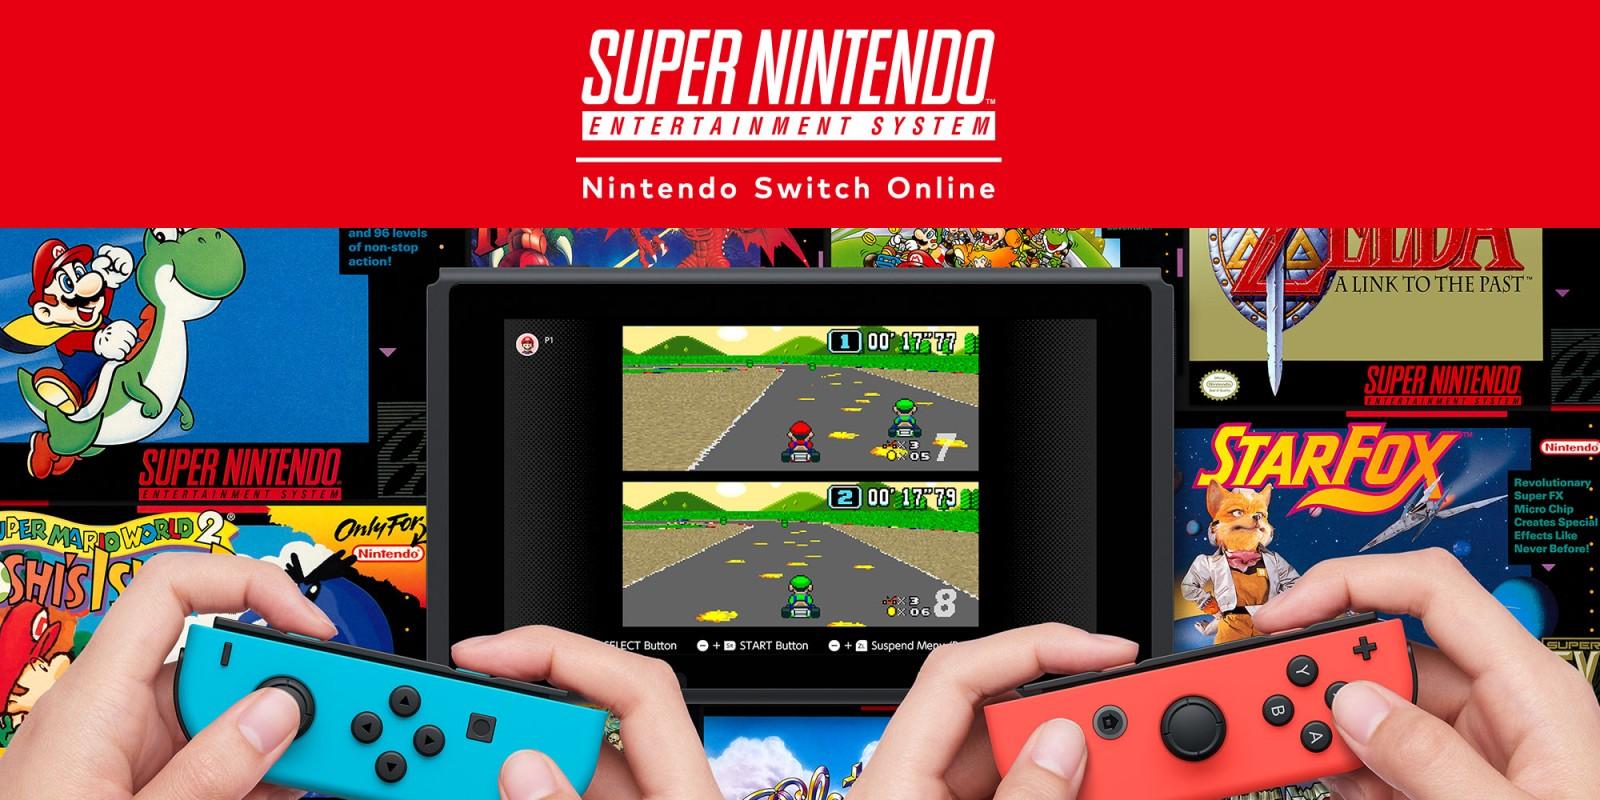 Nintendo Switch | Nintendo Switch Online terá jogos de Super Nintendo